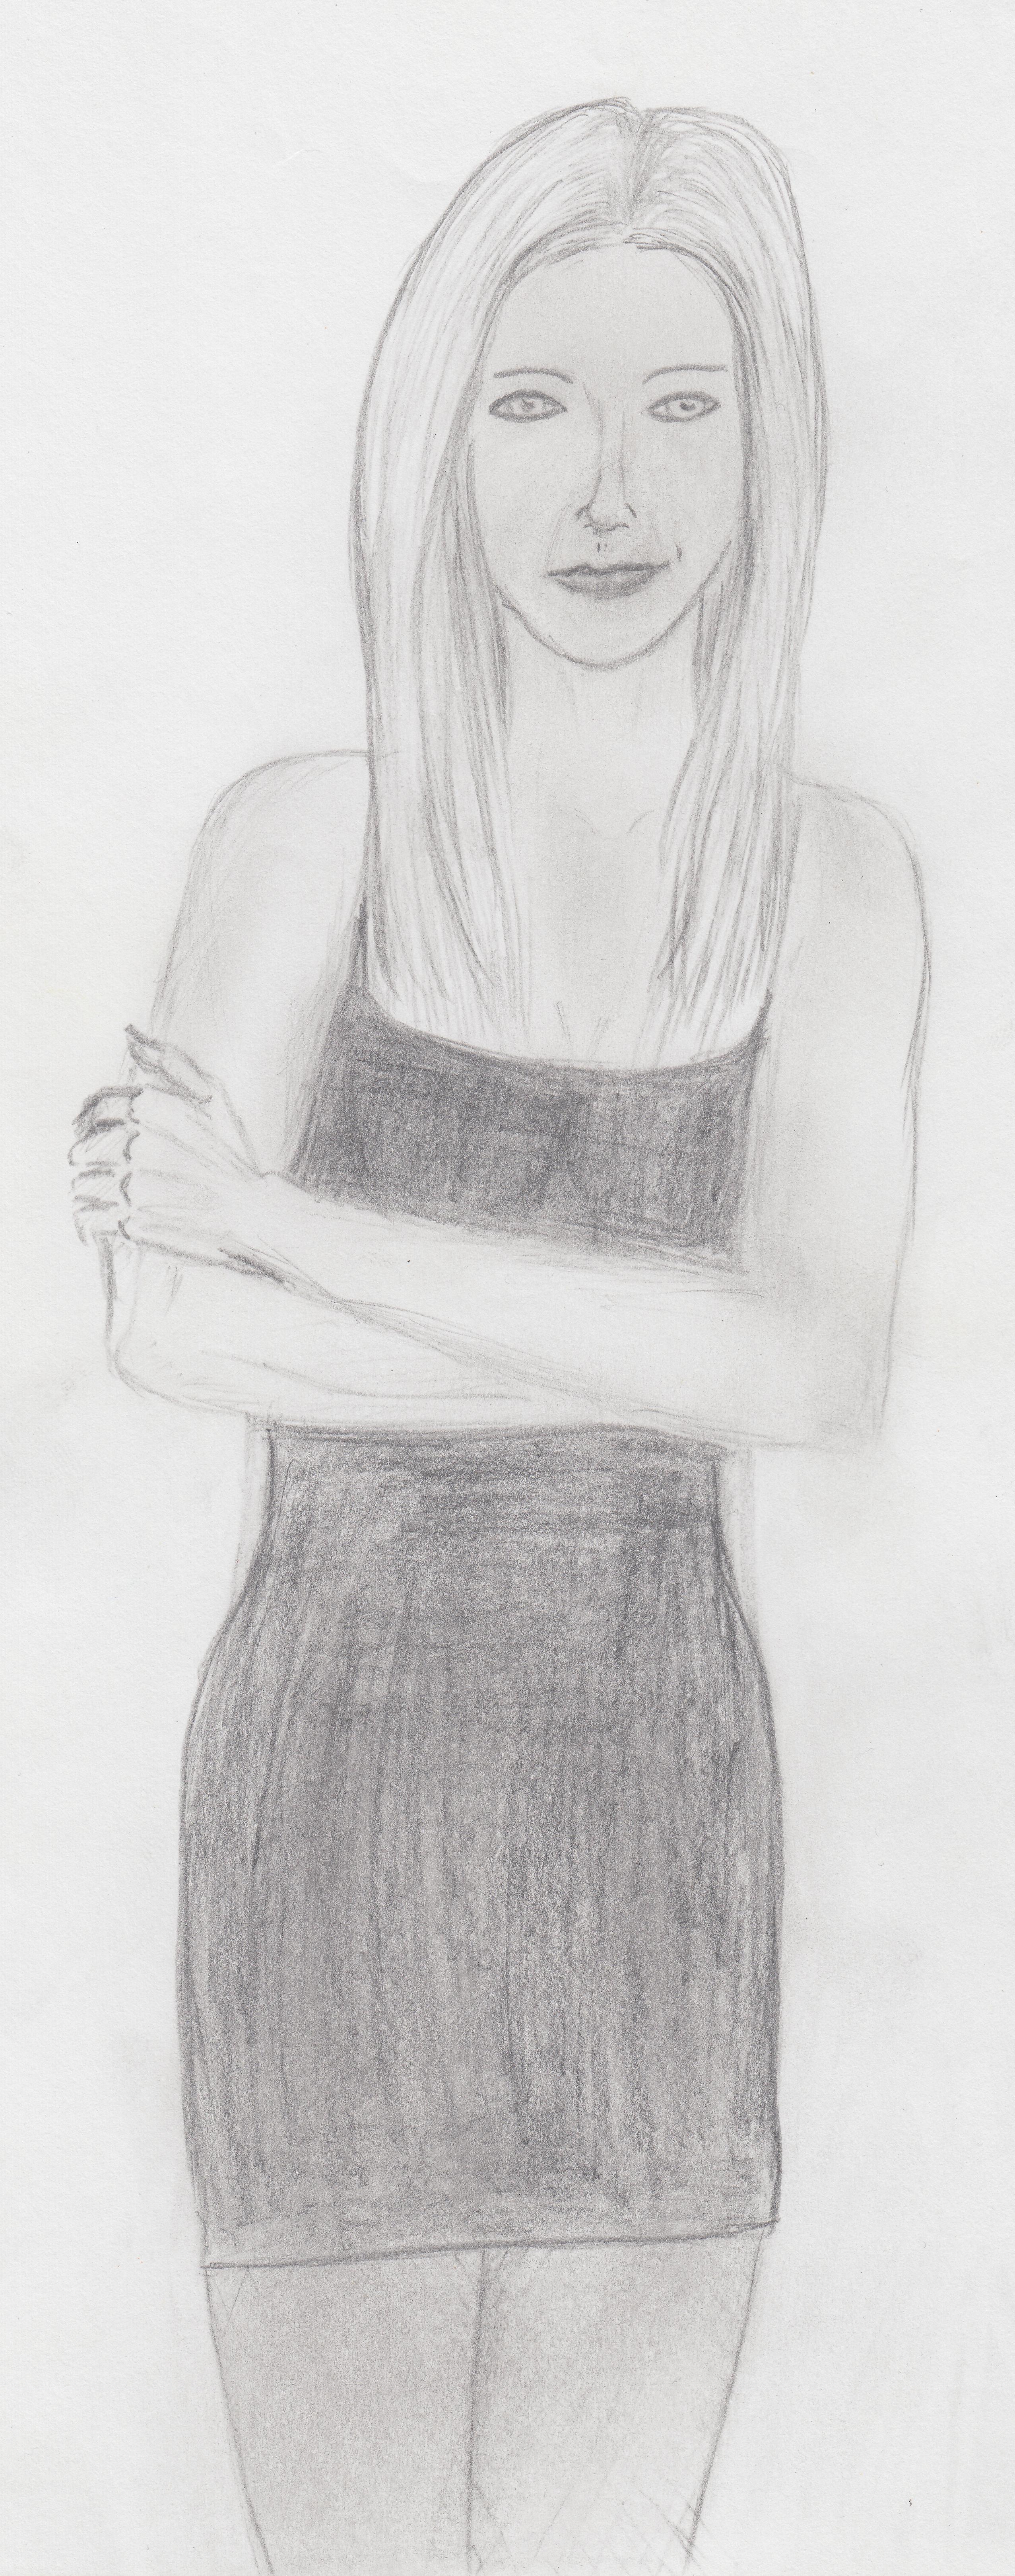 0018 - Jennifer Aniston by Apkx